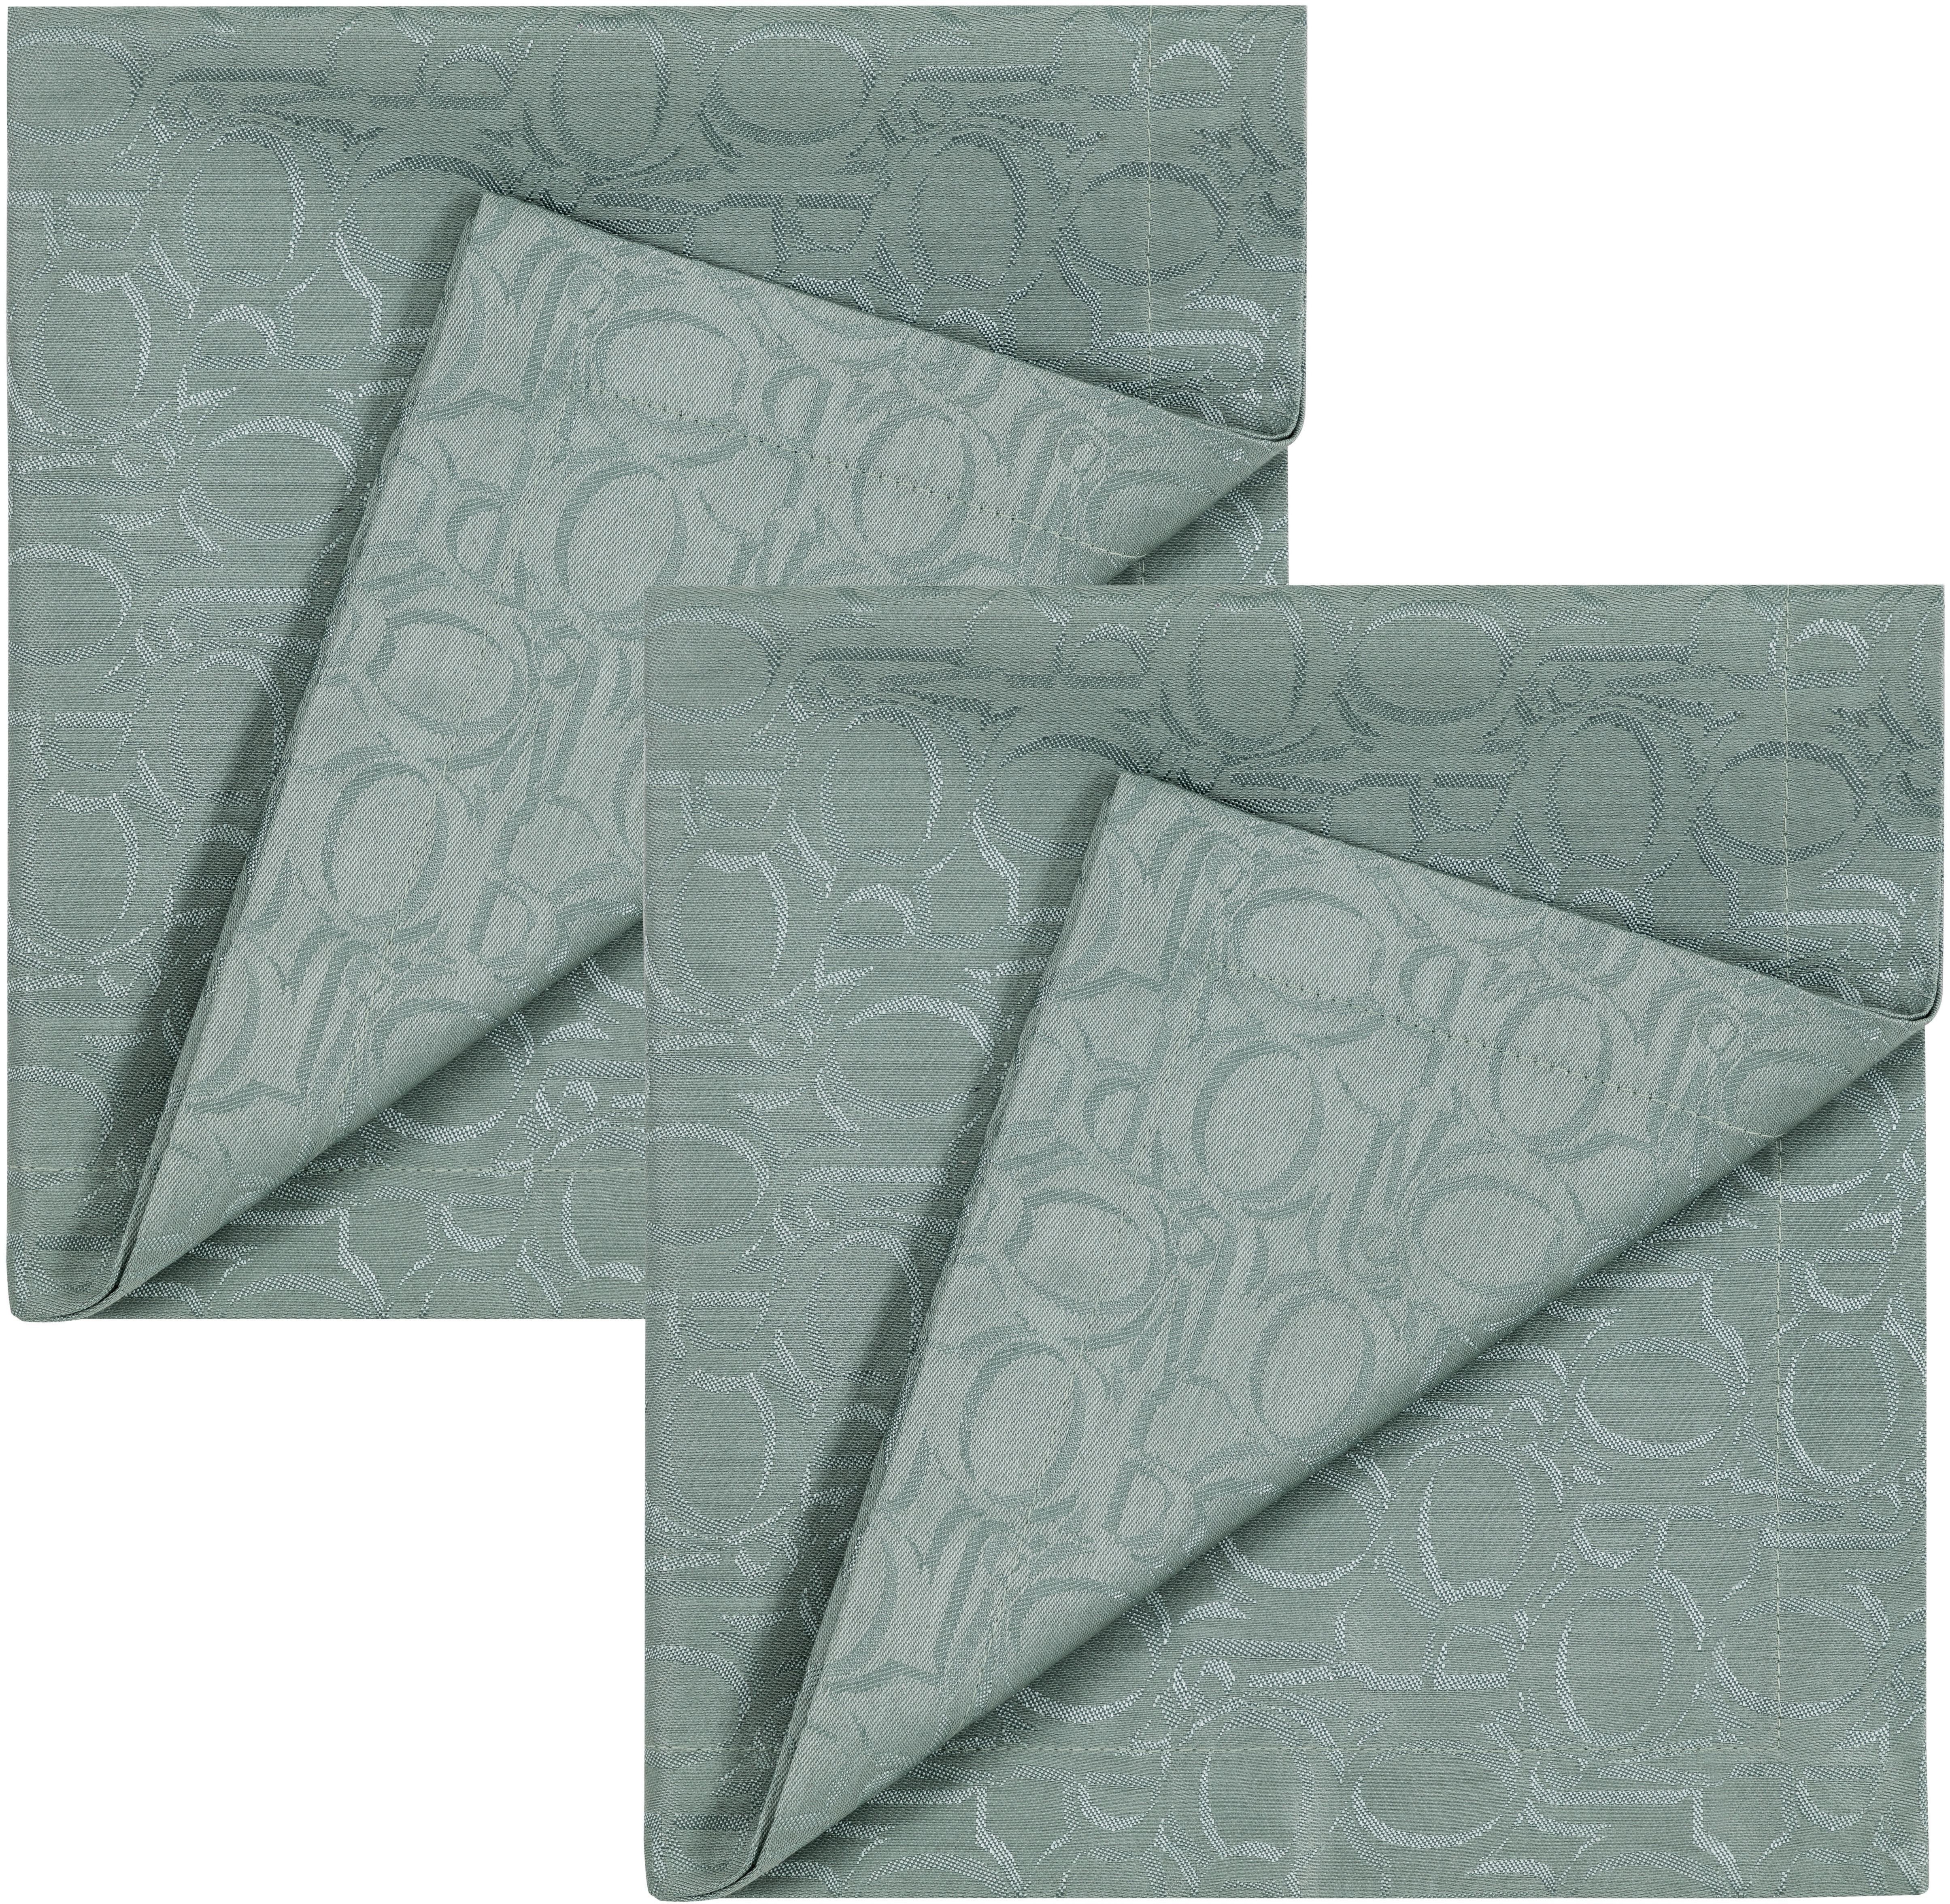 Joop Stoffserviette ORNAMENT, Aus Jacquard-Gewebe gefertigt mit ornamentale günstig online kaufen